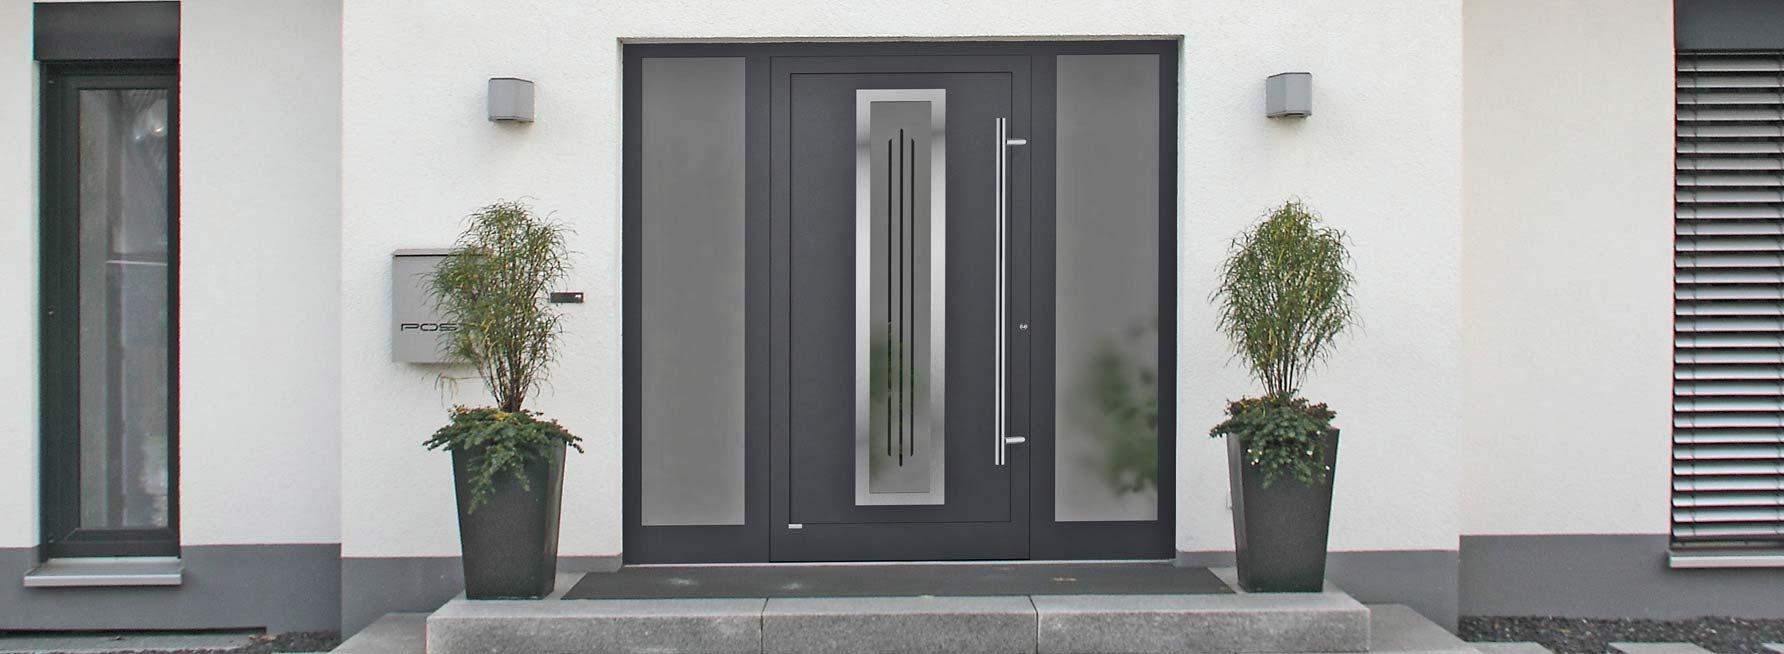 Haustüren modern grau mit seitenteil  Haustüren Holz Mit Seitenteil: Holz aluminium haustÜren by josef ...